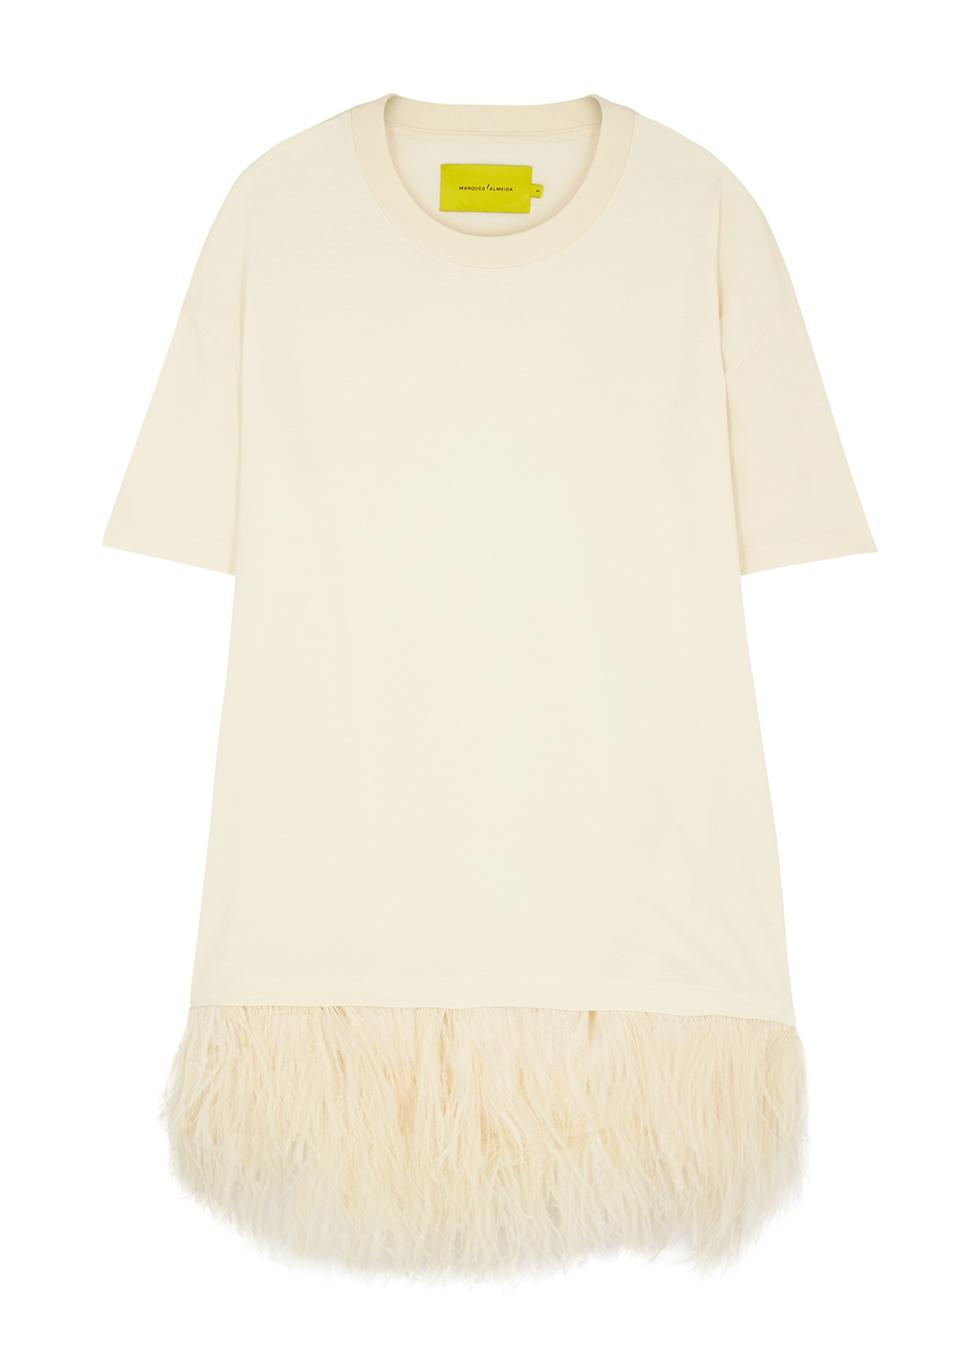 Ecru feather-trimmed cotton T-shirt dress